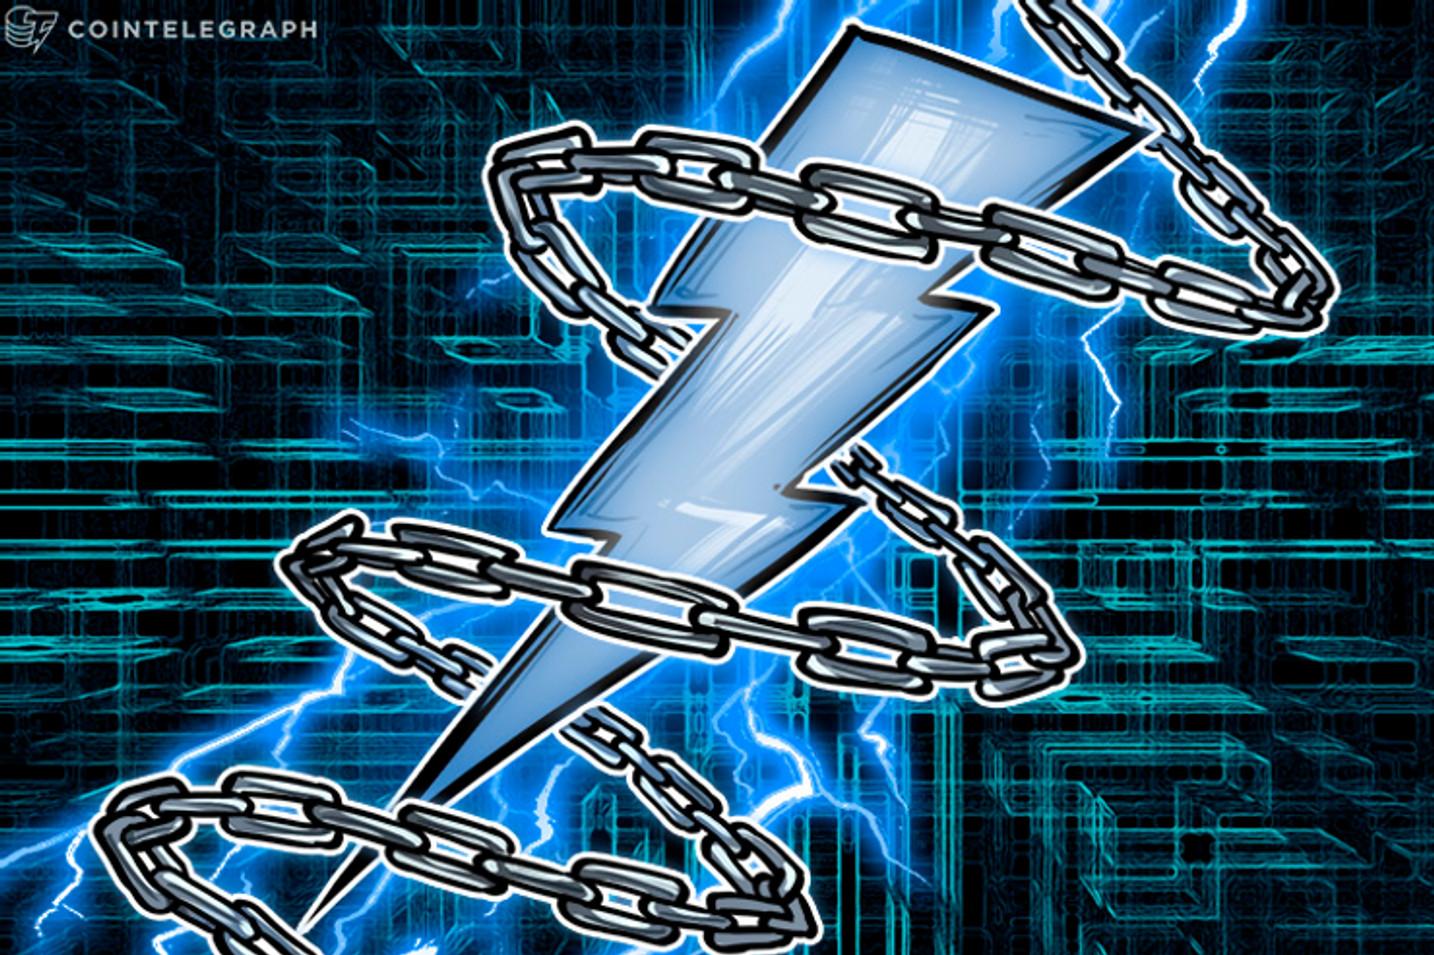 España: Endesa trabajará con el Ayuntamiento de Málaga para implementar blockchain y evitar cortes de energía